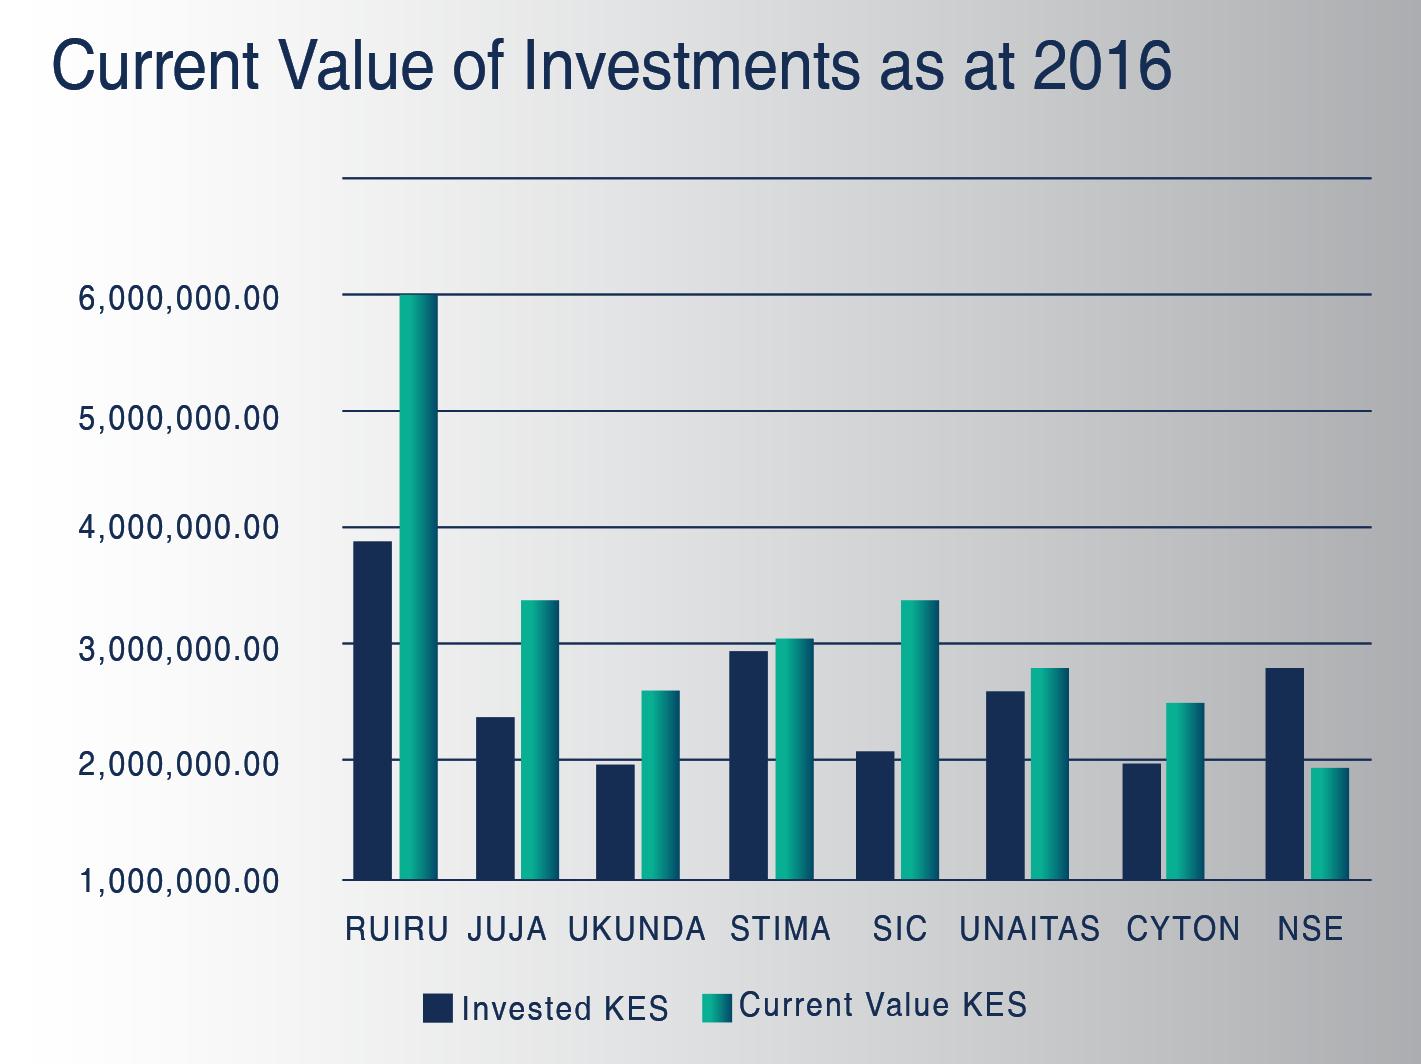 investuoti bitkoiną 2021 m grynųjų pinigų akcijų pasirinkimo sandorių skaičiavimas